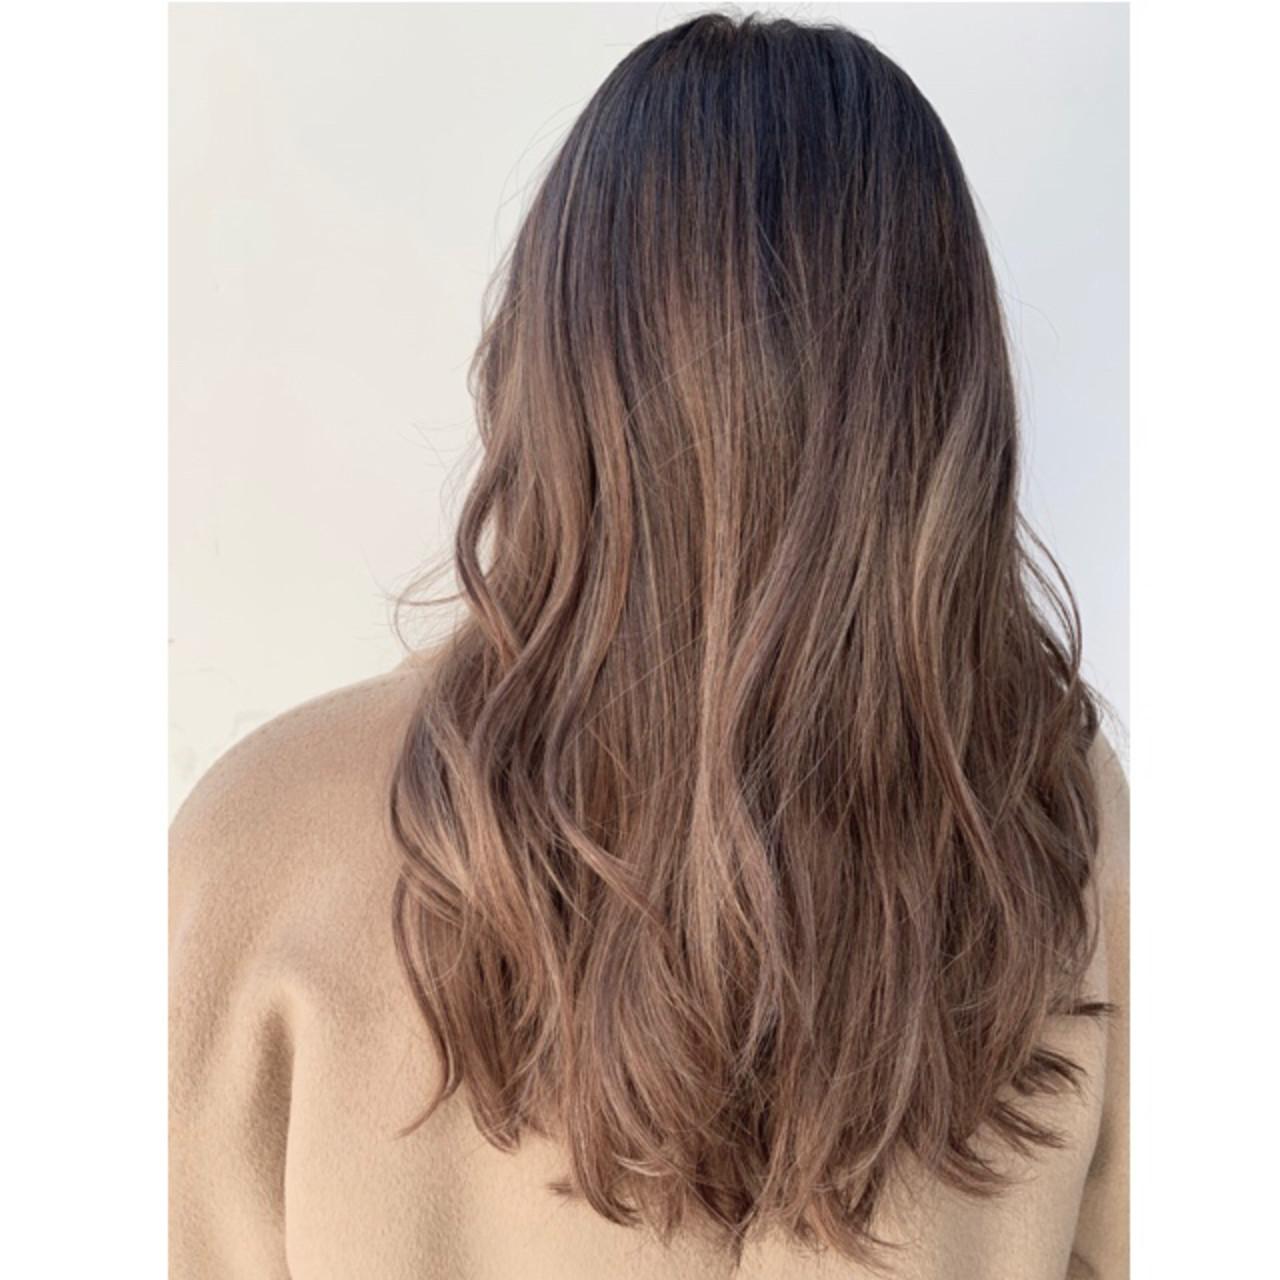 エレガント バレイヤージュ グレージュ ハイライト ヘアスタイルや髪型の写真・画像